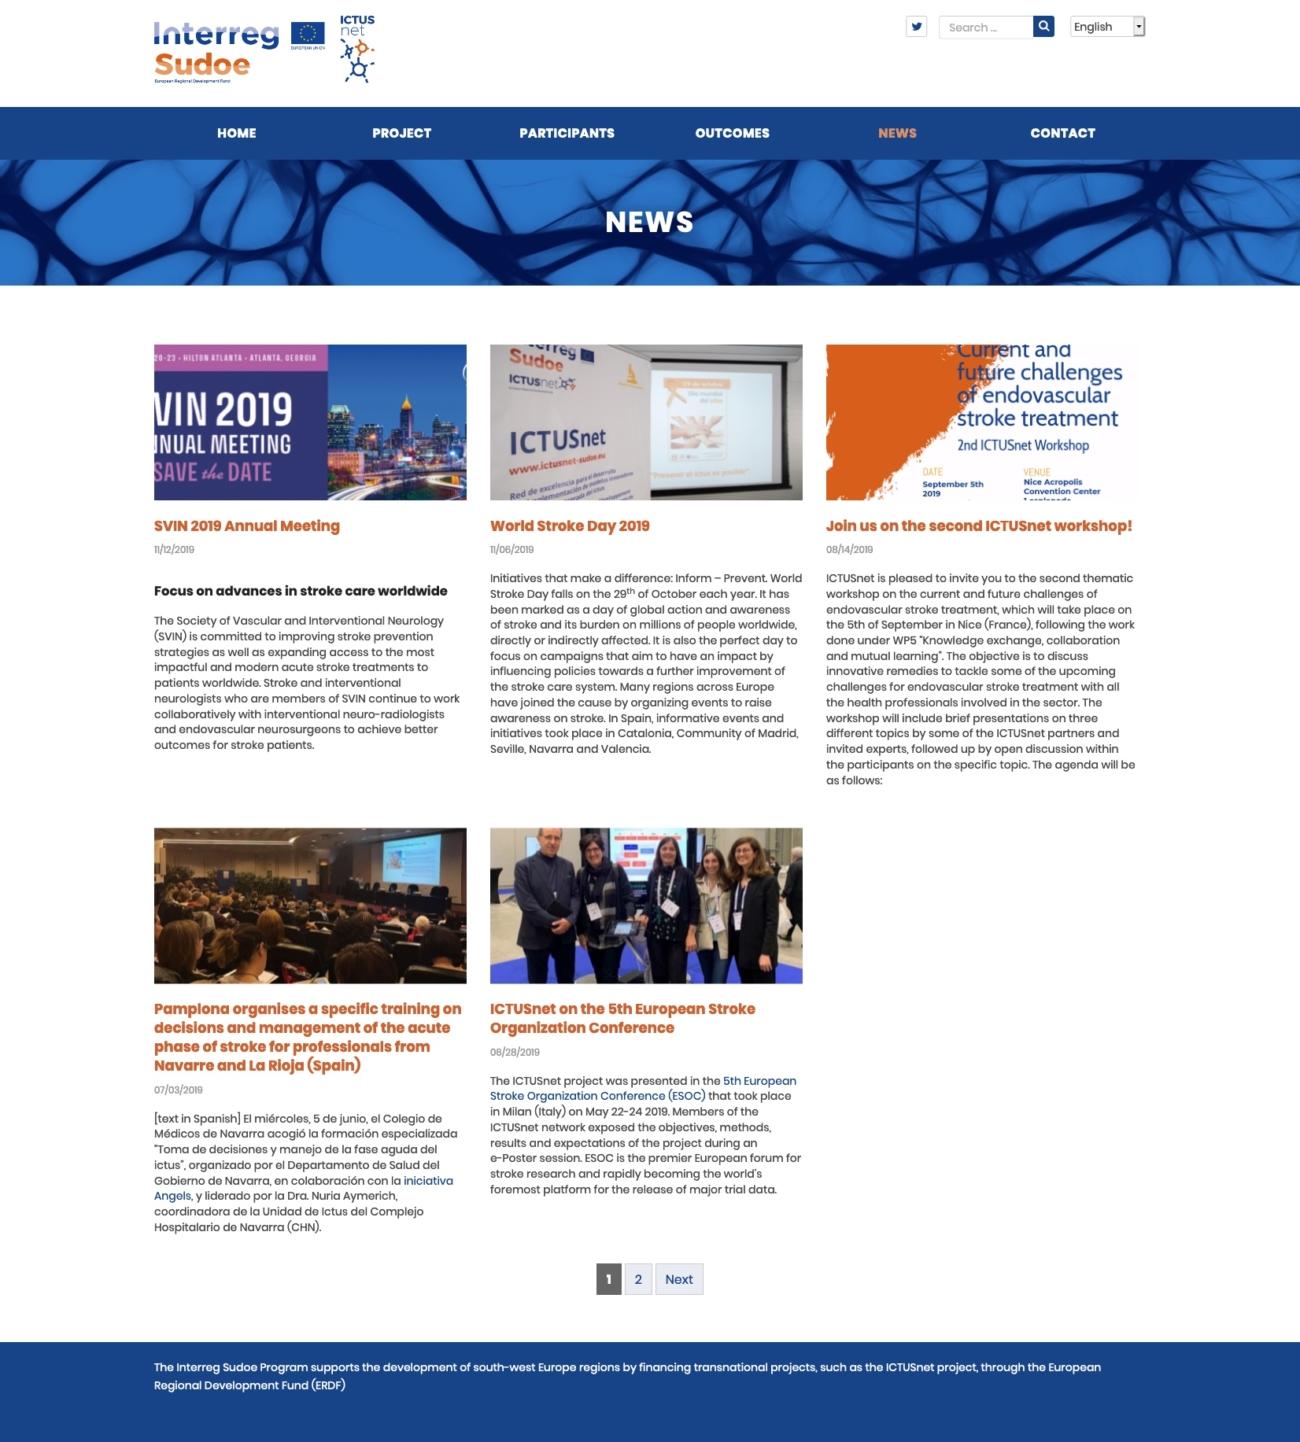 Captura de la secció notícies del web d'Ictusnet